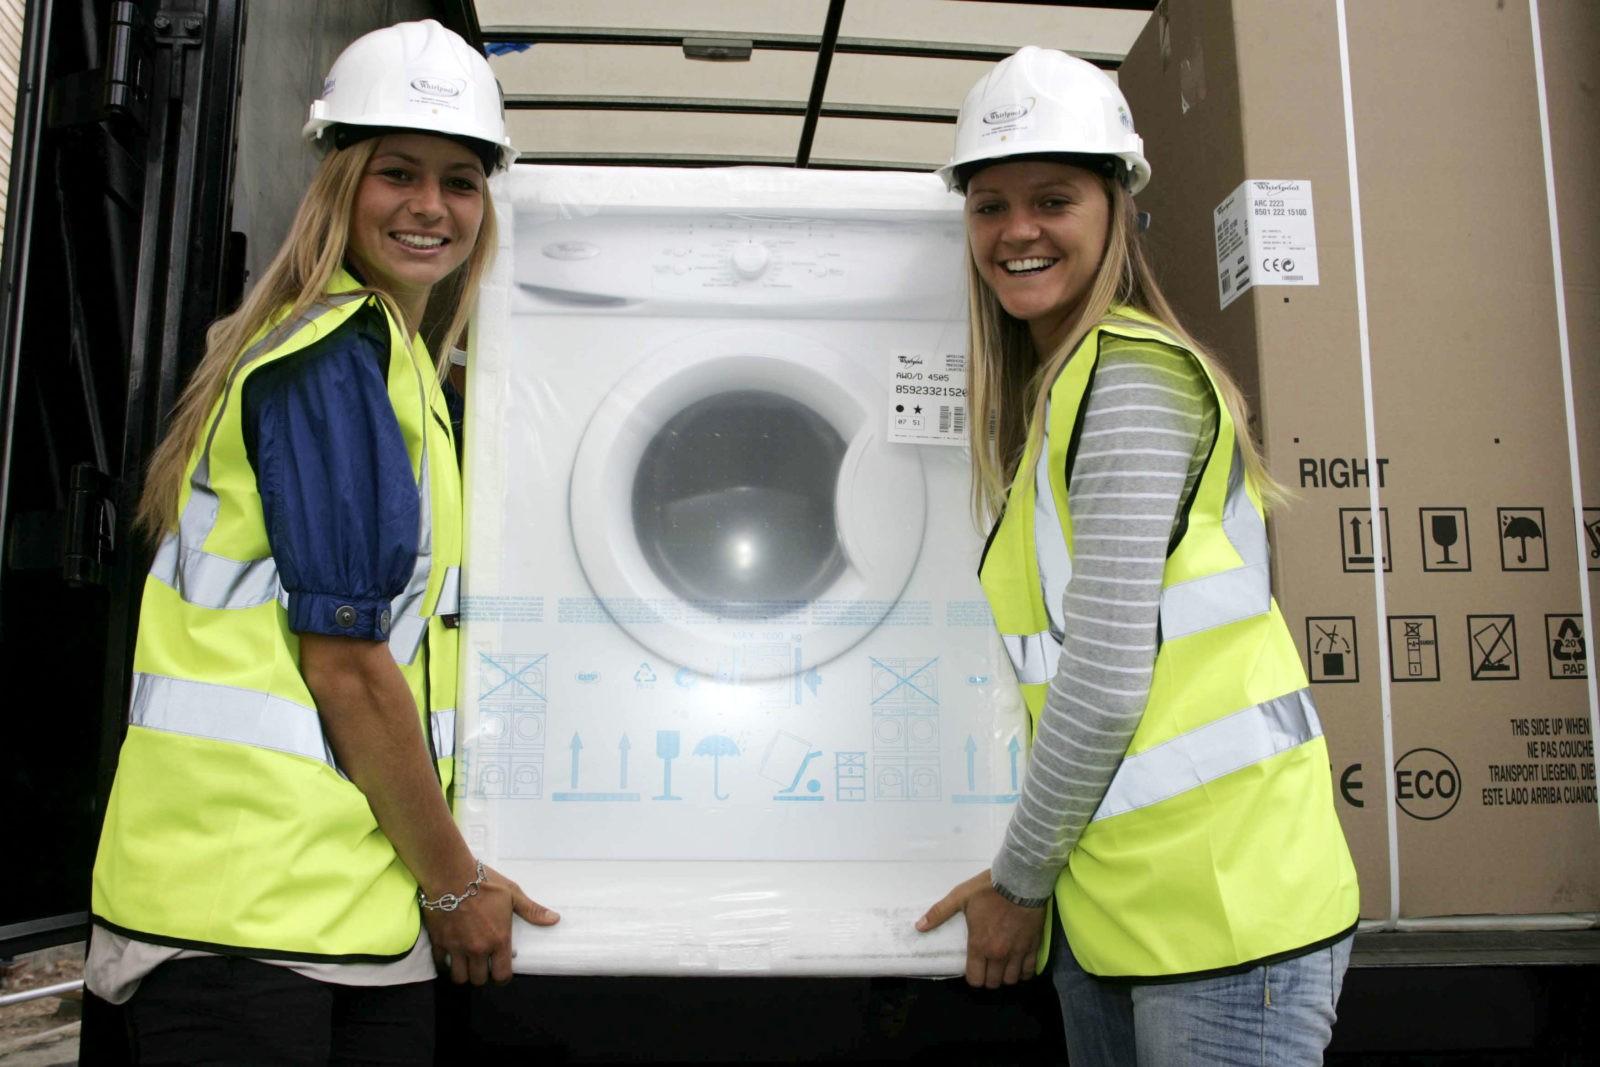 Как перевозить стиральную машину - советы мастера